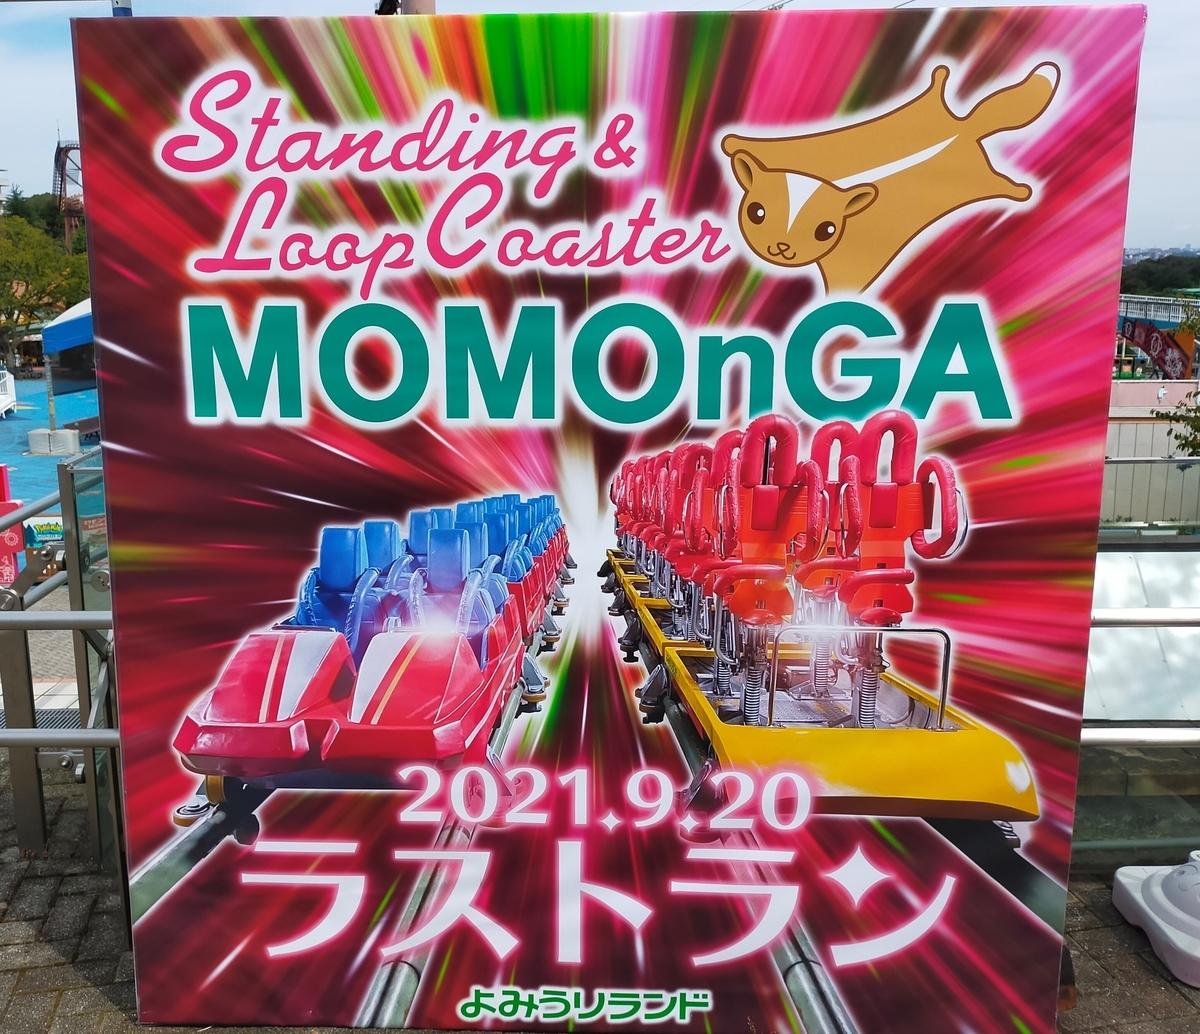 f:id:Tokyo-amuse:20211001173331j:plain